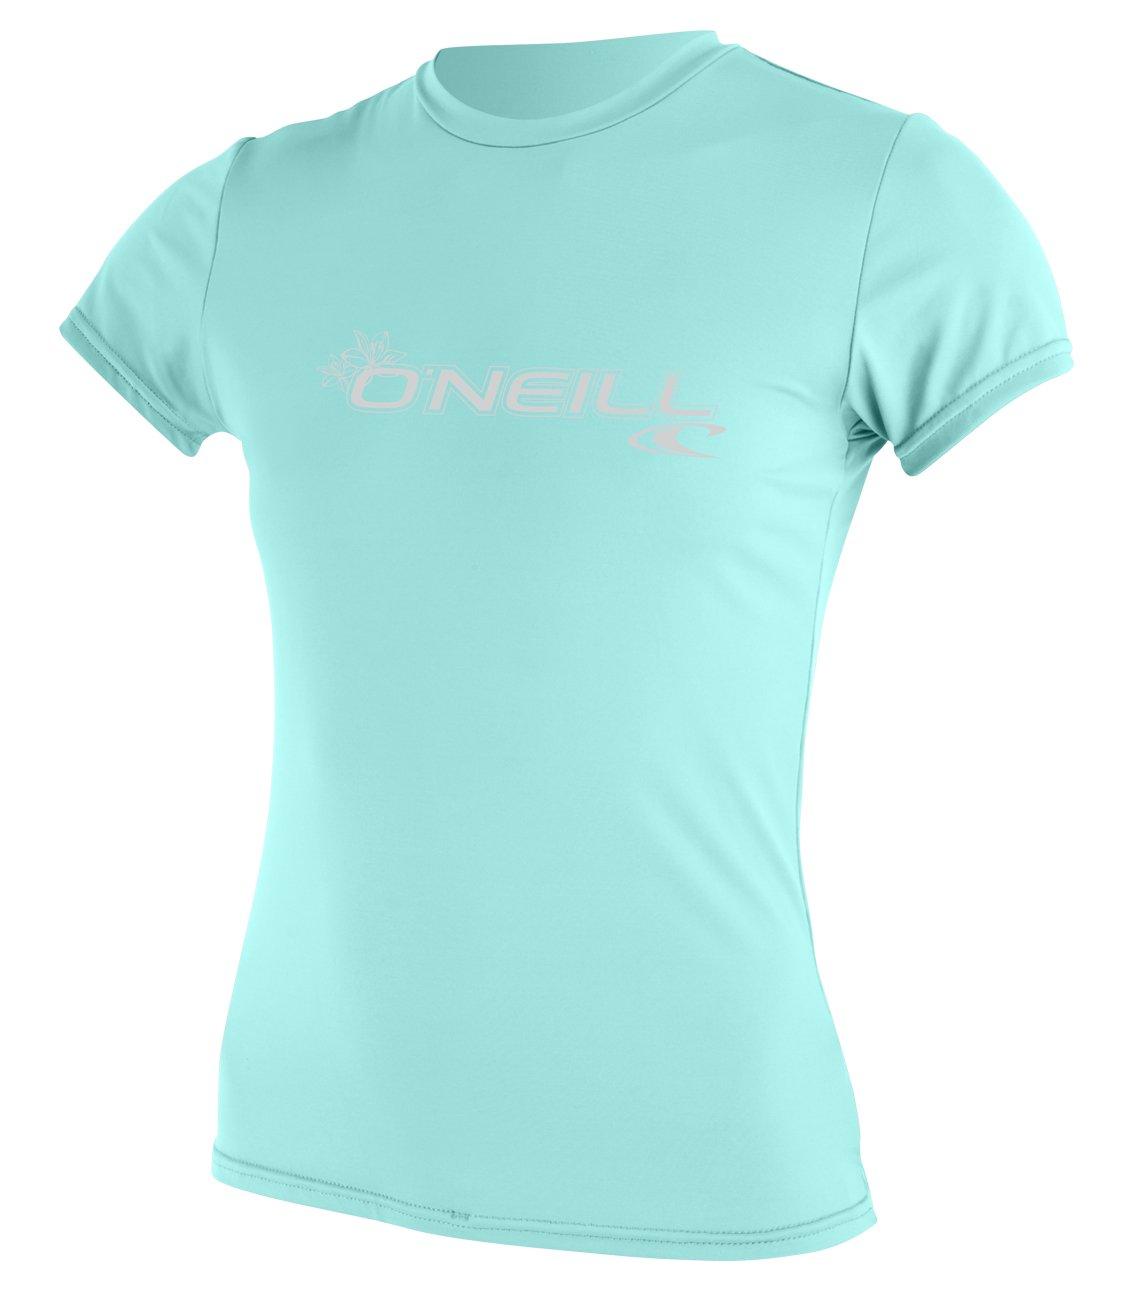 O'Neill Wetsuits Women's Basic Skins Upf 50+ Short Sleeve Sun Shirt, Seaglass, X-Small